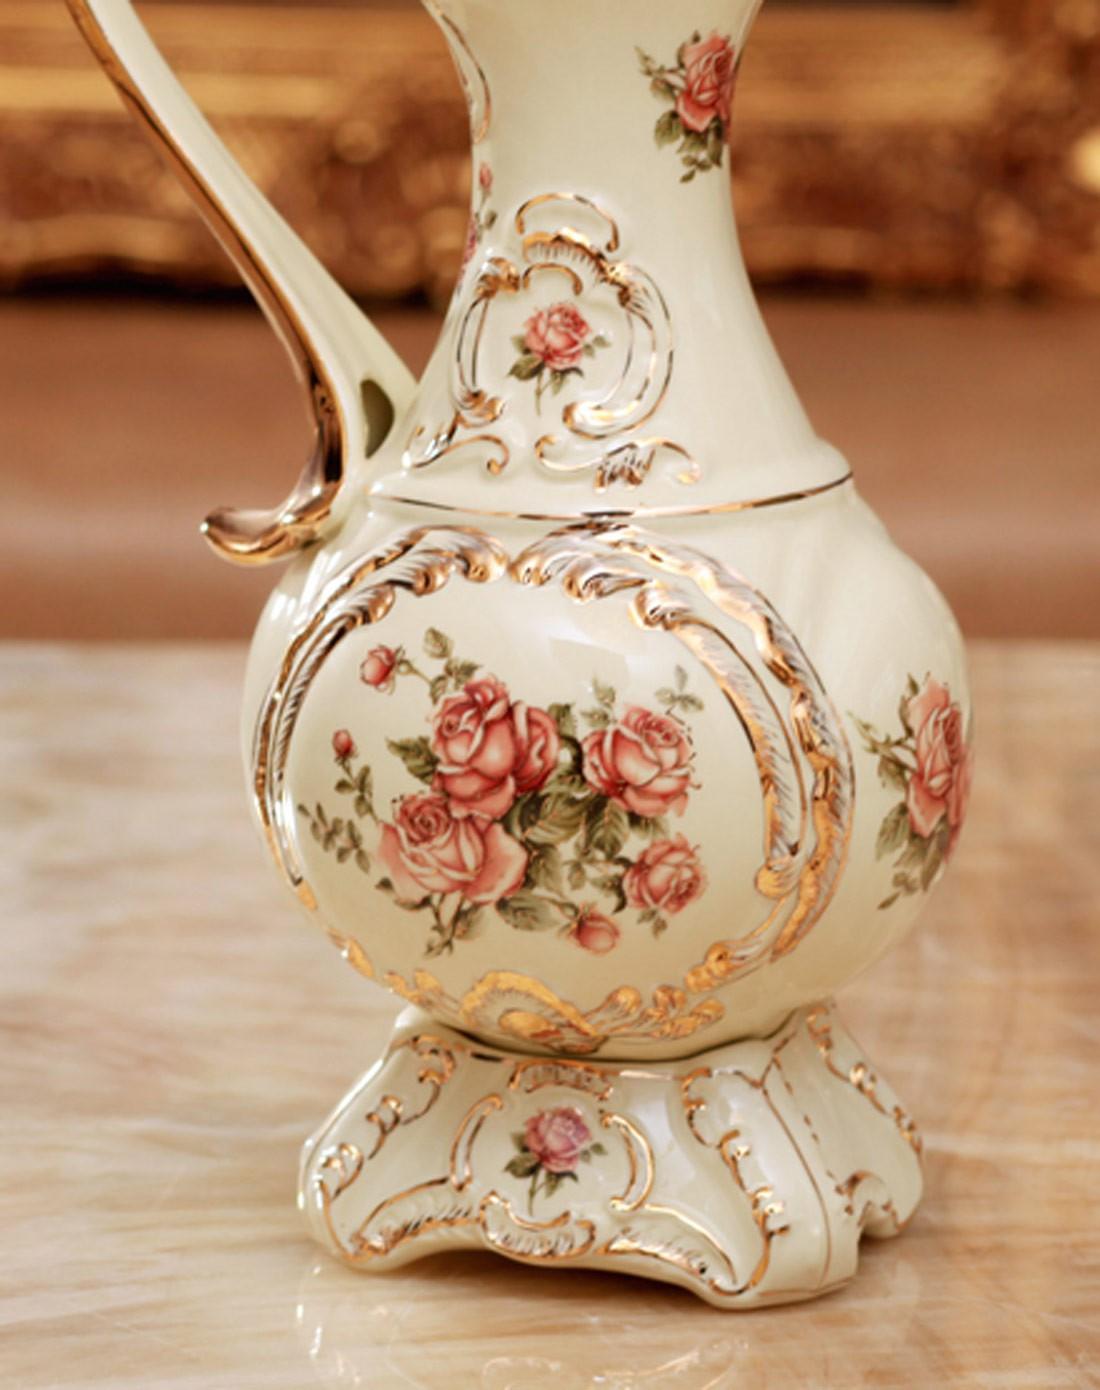 欧式高档象牙瓷单耳陶瓷花瓶图片